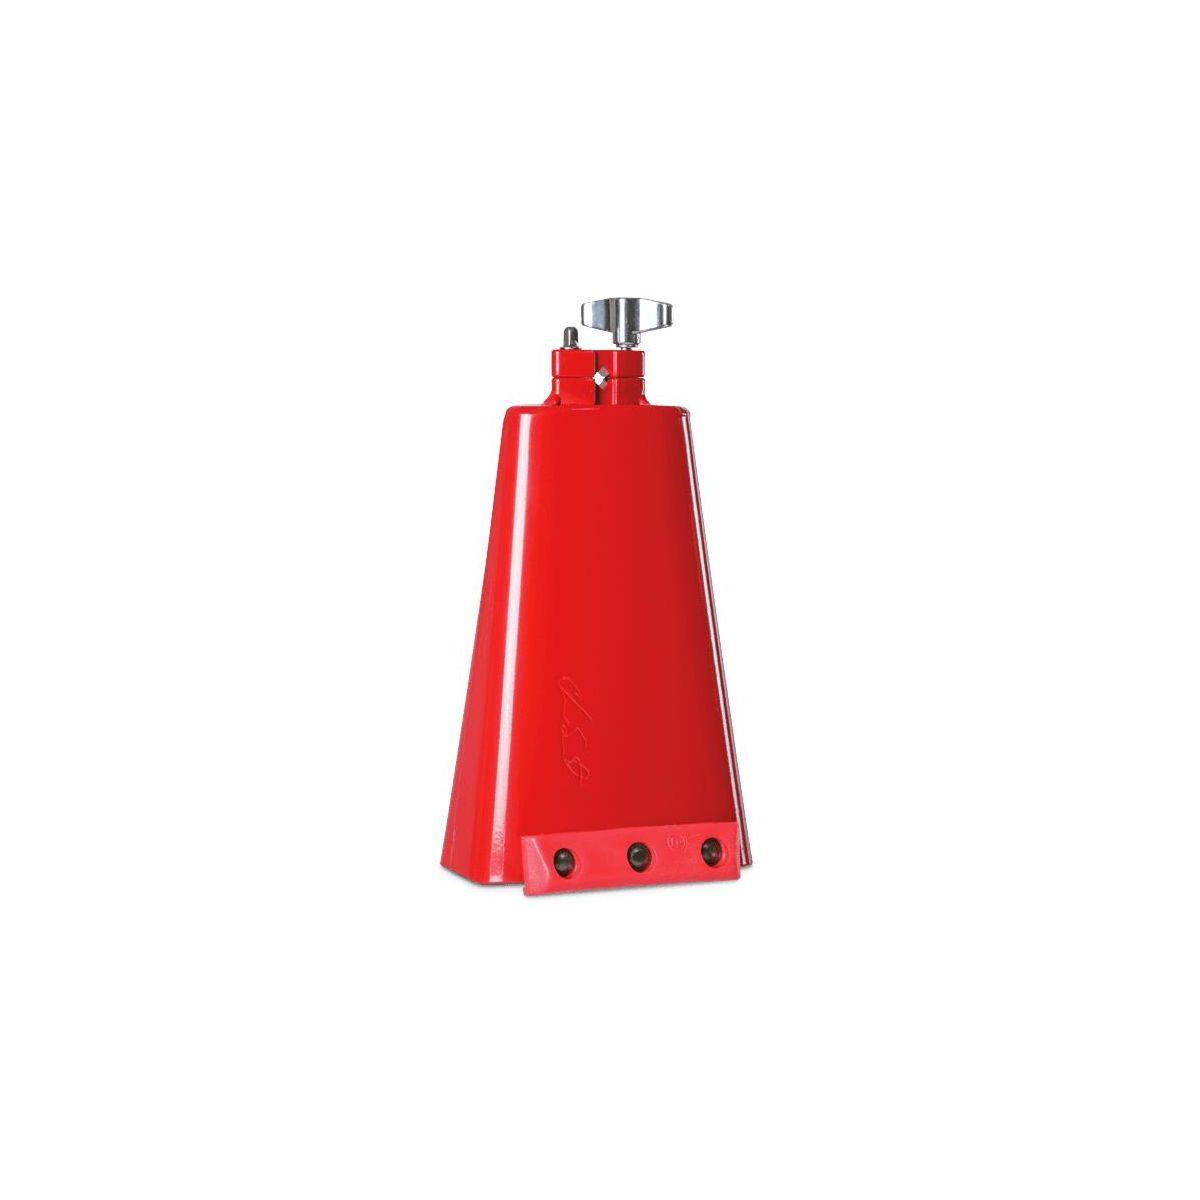 Campanaccio LP LP008CS Chad Smith red